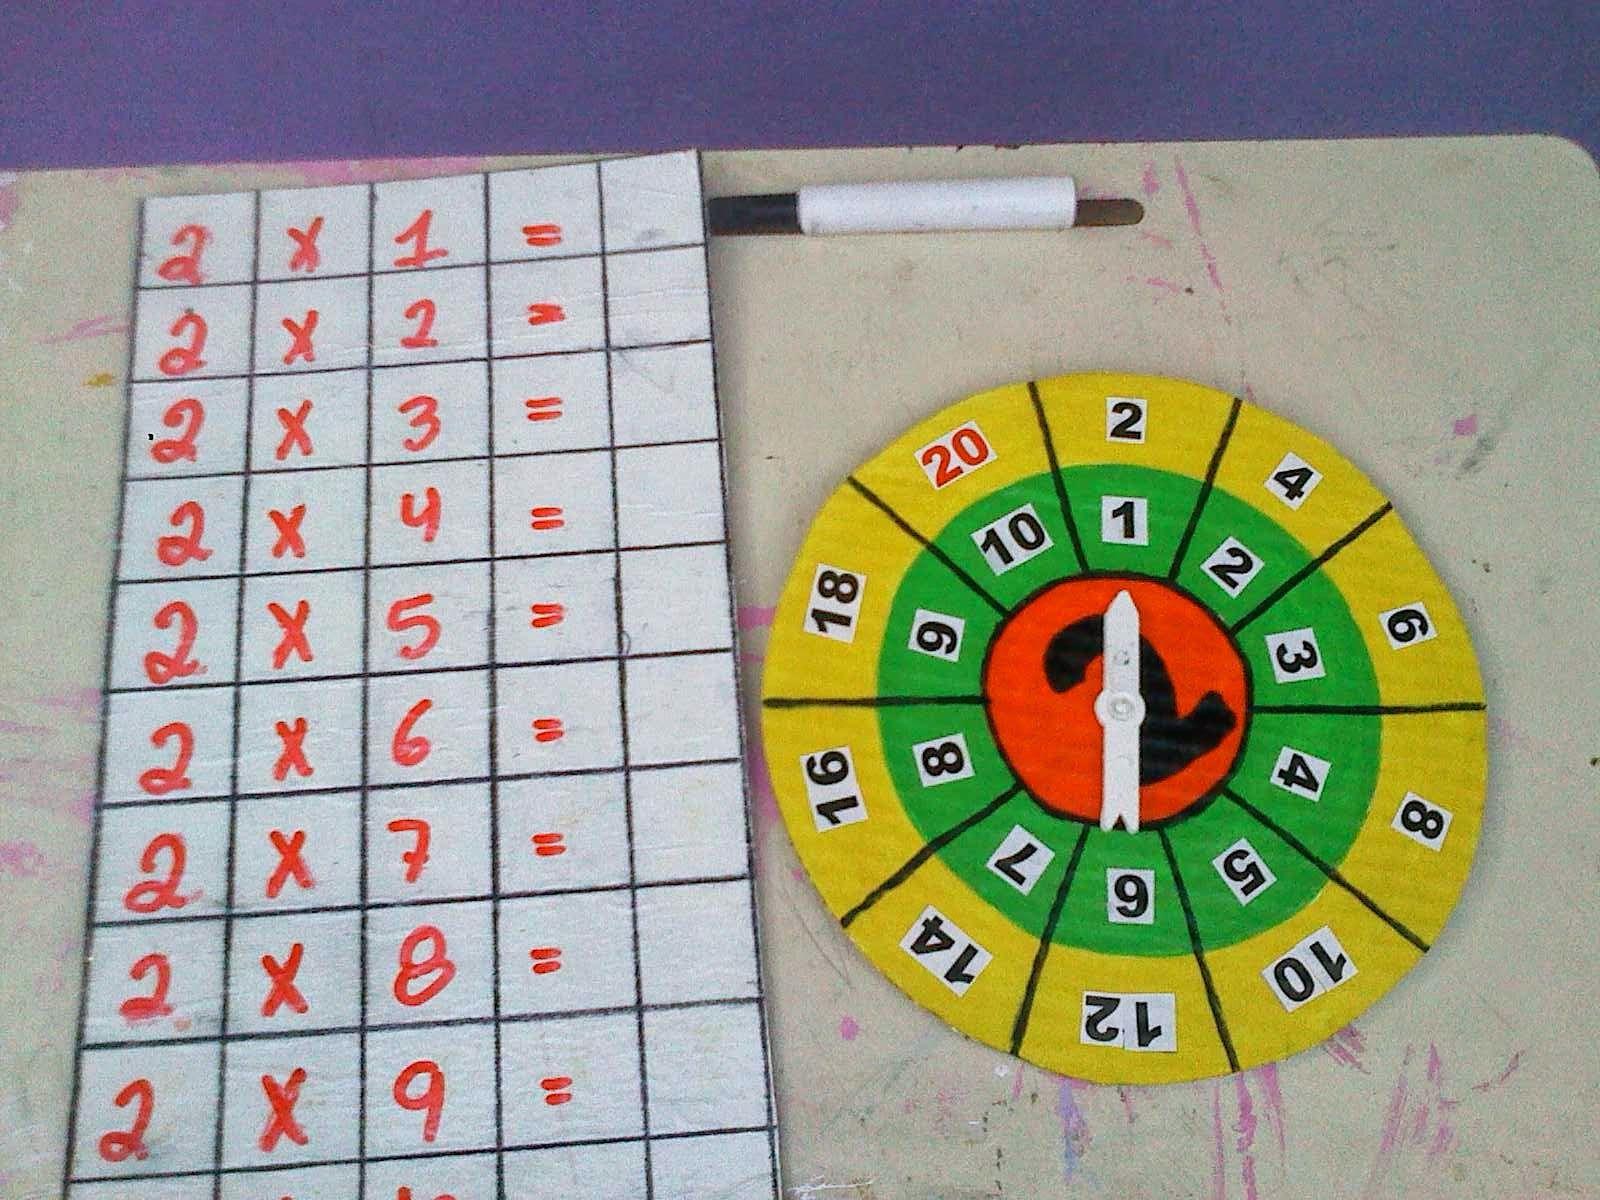 Juegos Matematicos Con Material Reciclado Para Cuarto Grado Buscar